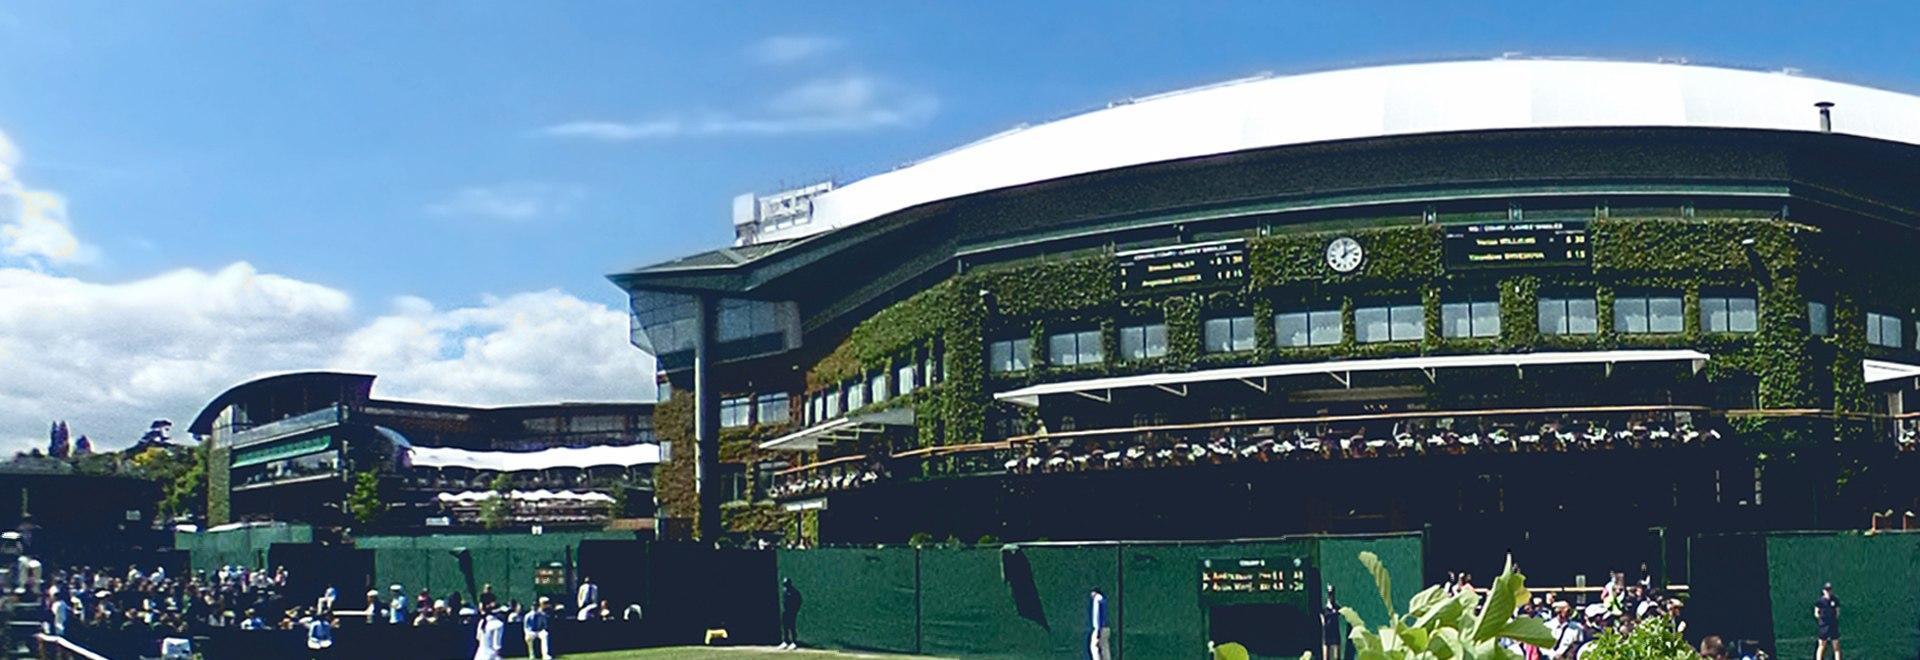 Wimbledon 2001: Capriati - Schiavone. Secondo turno